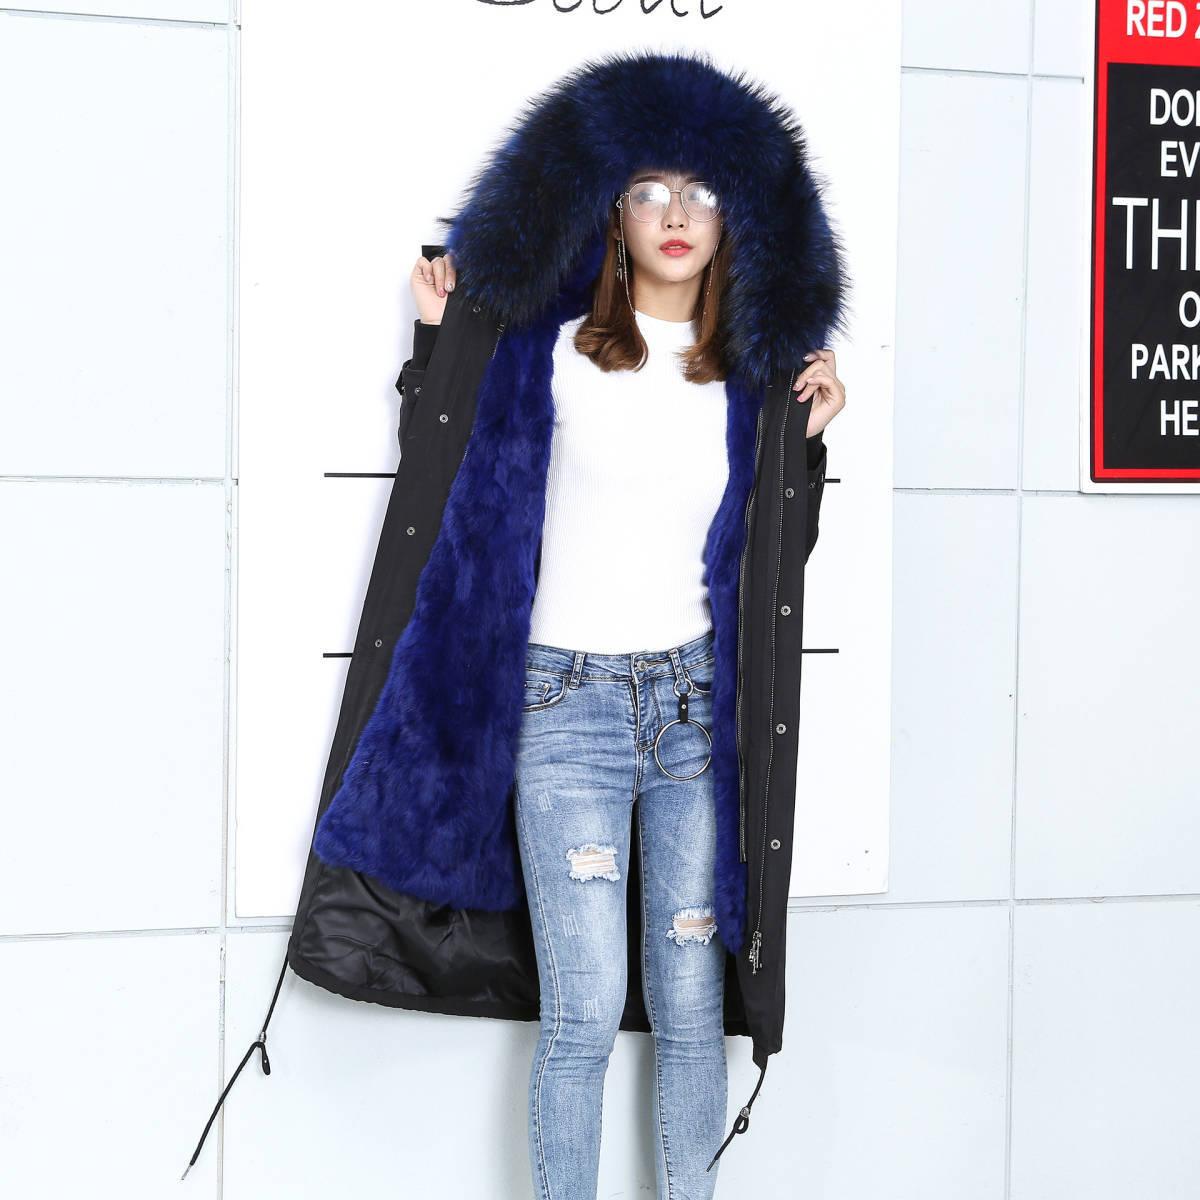 防寒保温レディースフード付きコート裏ポア ジャケット 厚手 韓国ファッション アウター 可愛い レディースコート